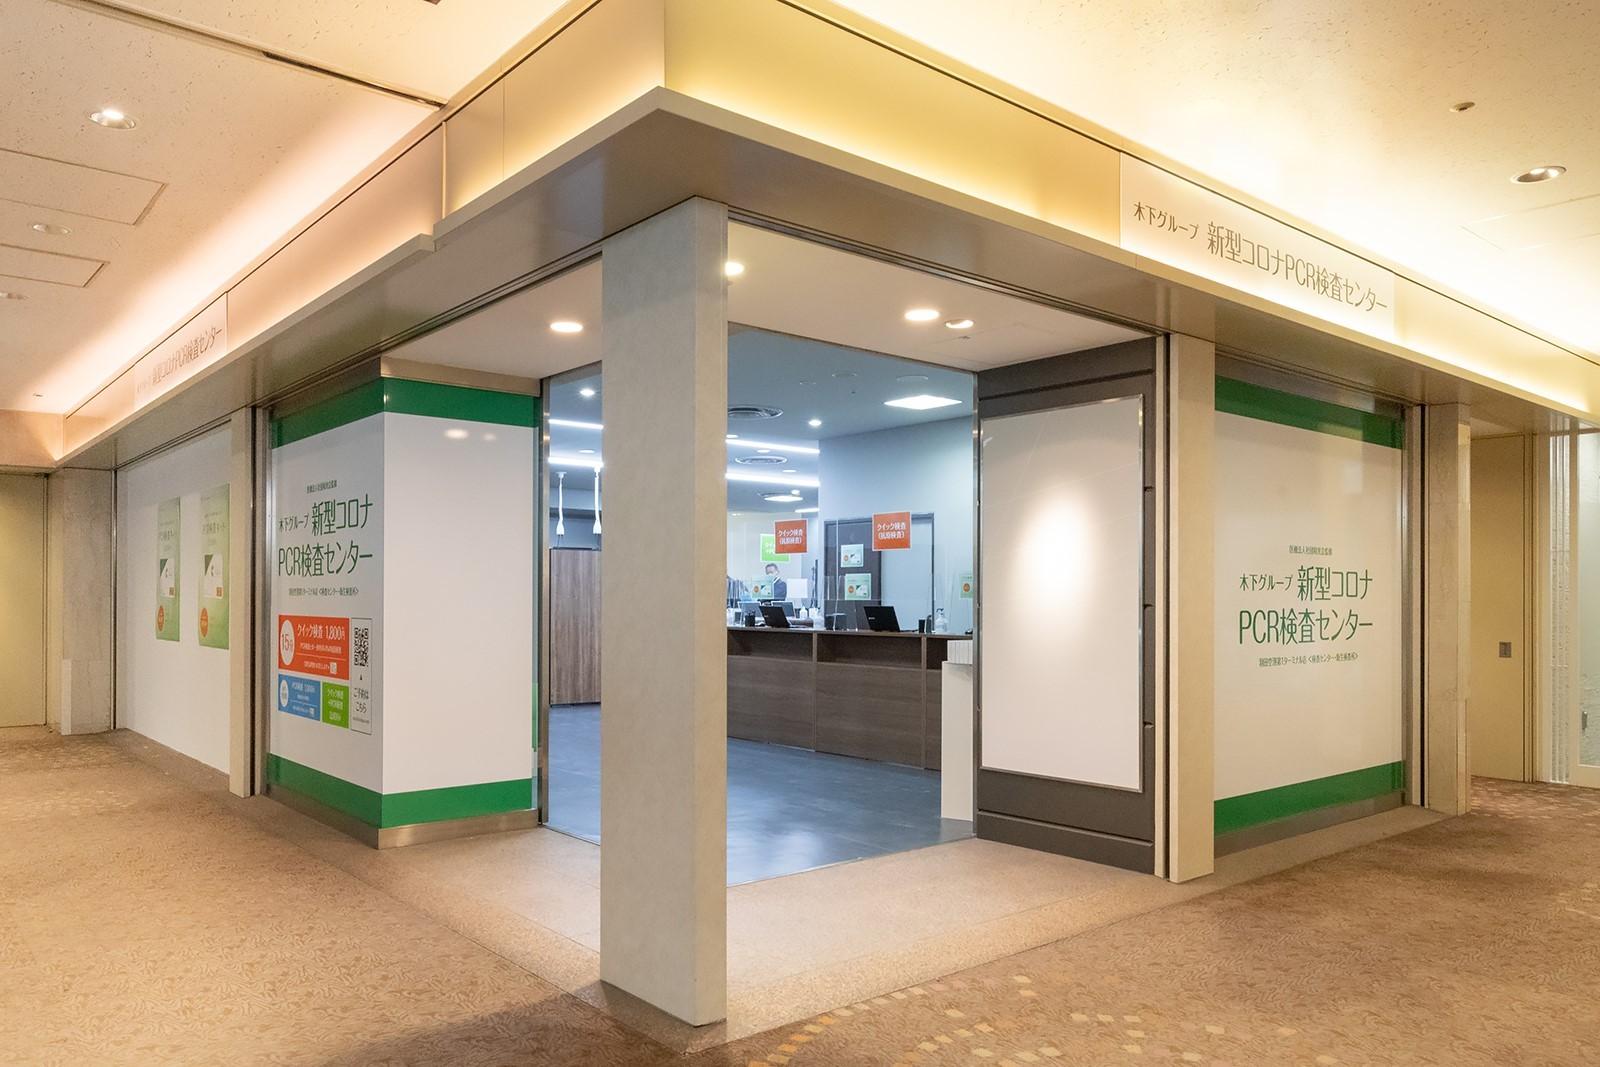 15分で結果が判明、新型コロナPCR検査センターが羽田空港にオープン